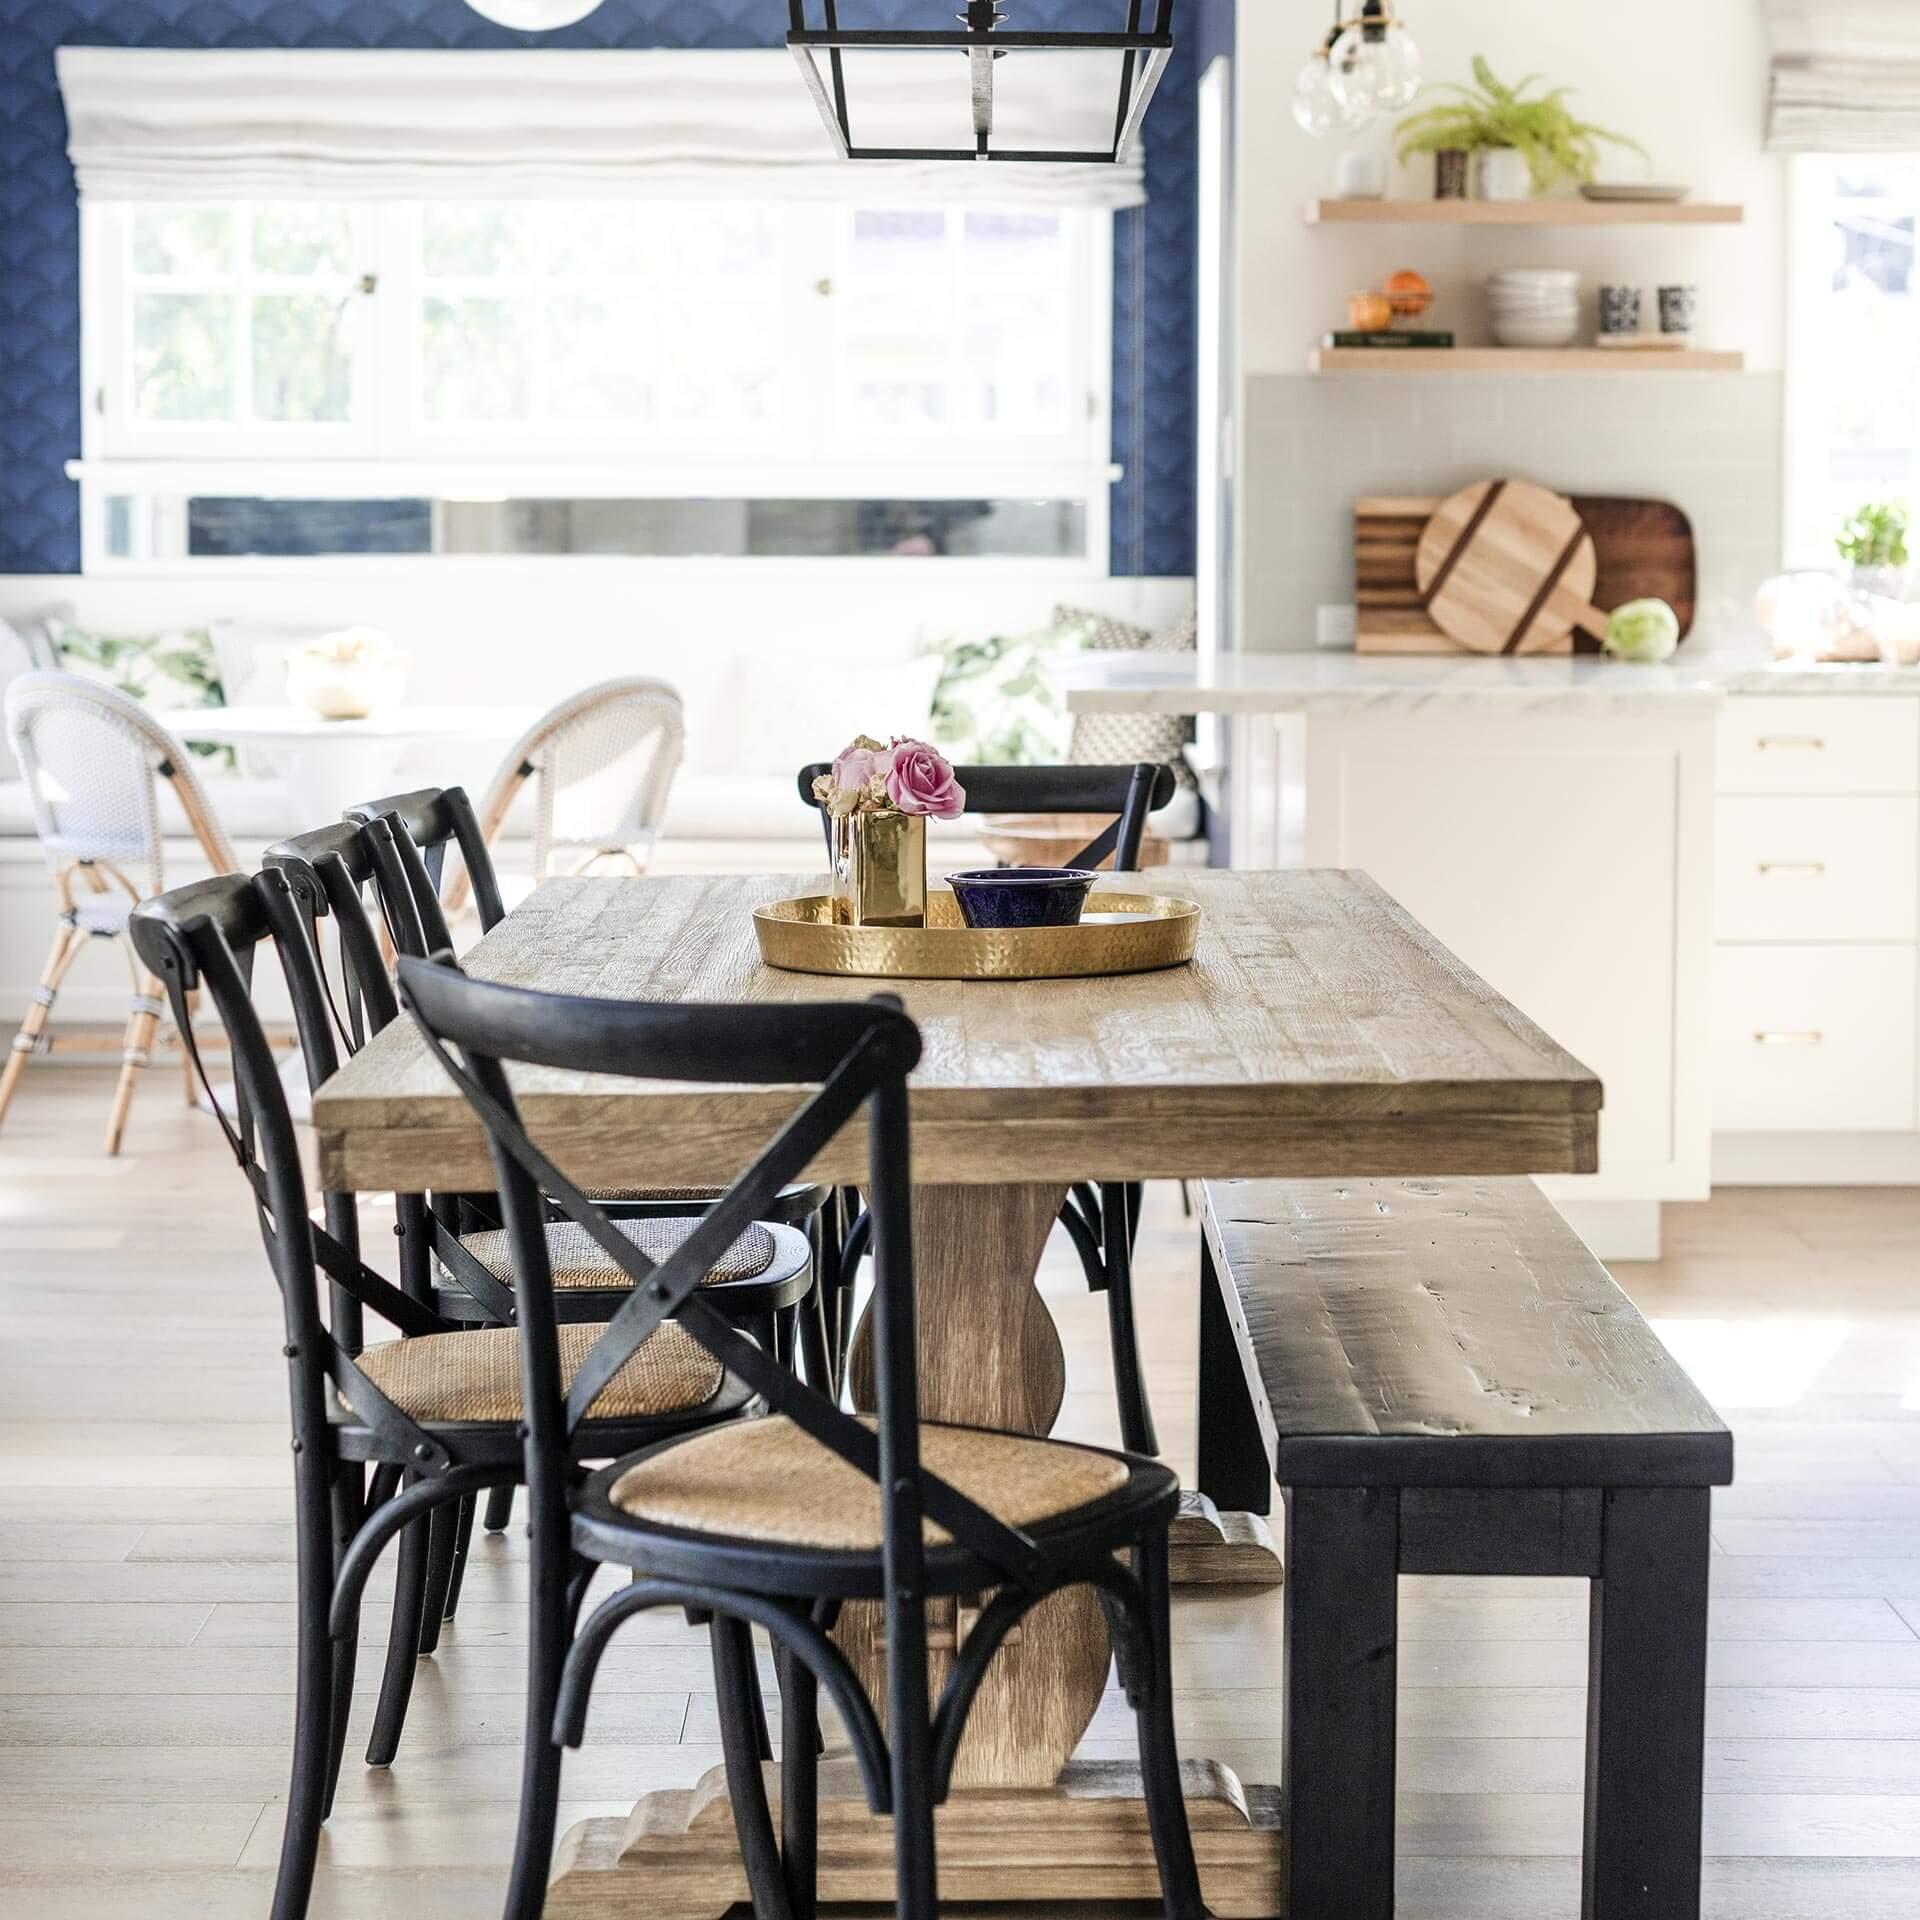 Sfaturi pentru întreținerea mobilierului din lemn masiv